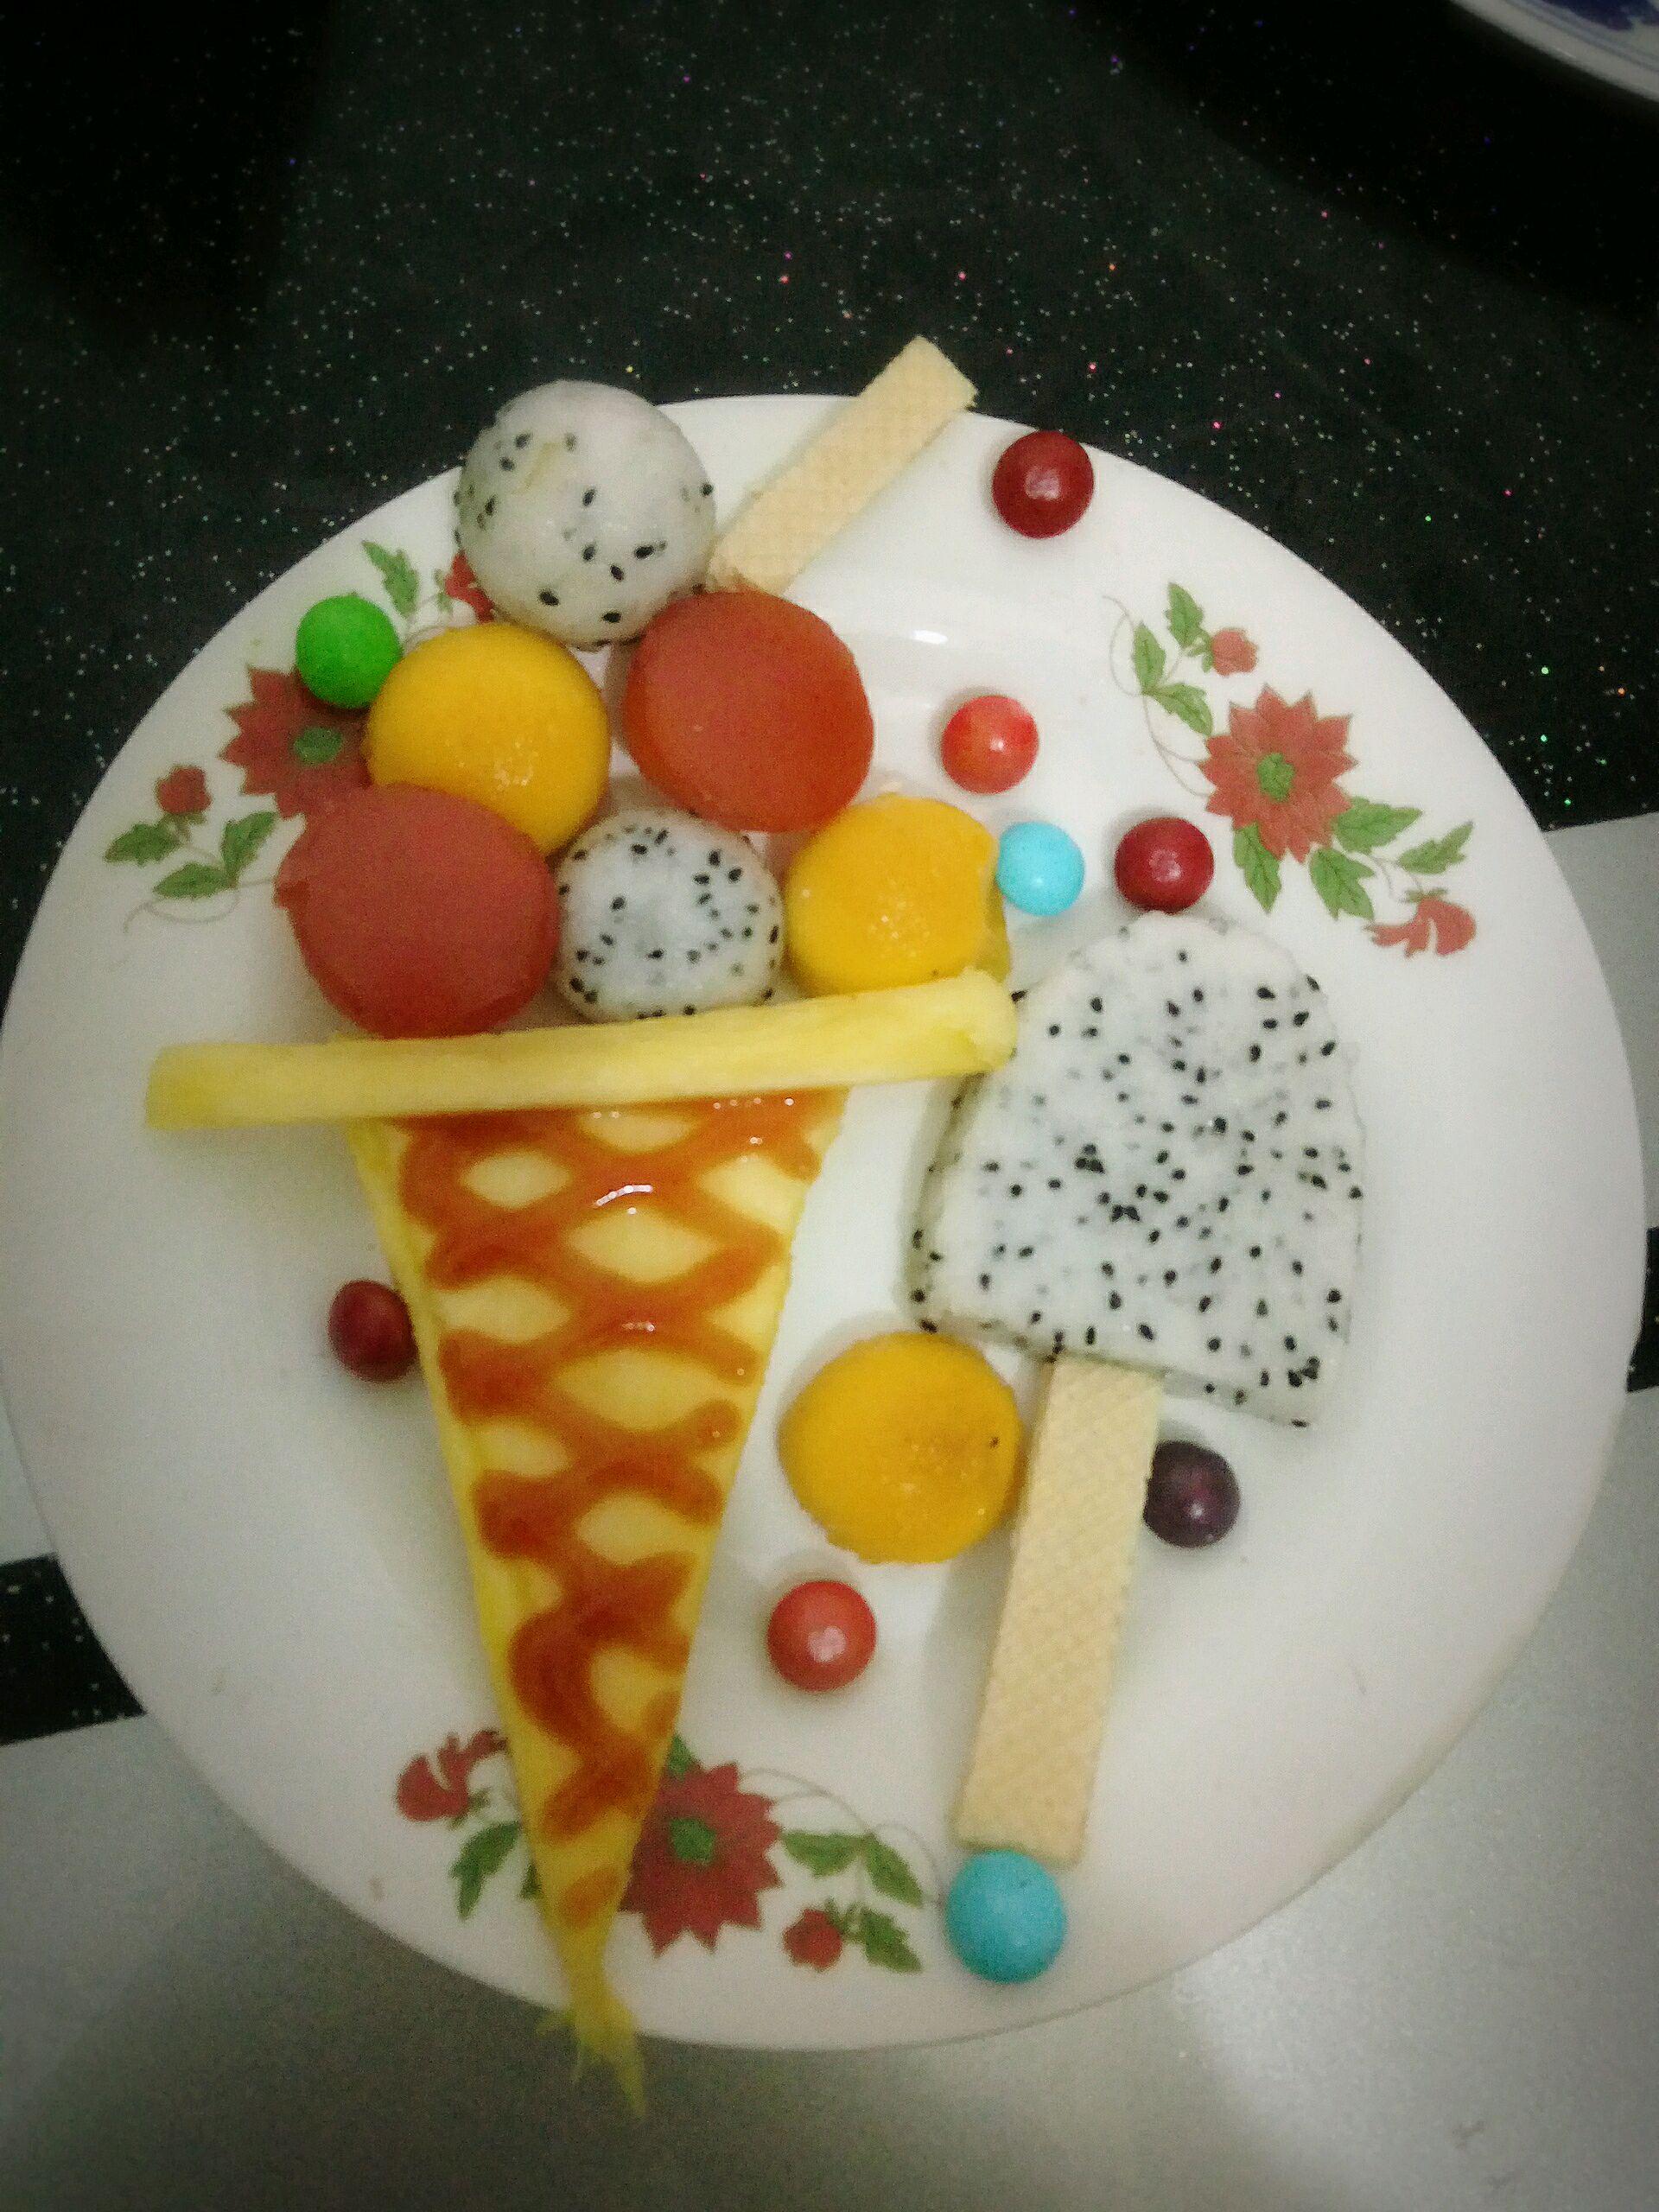 水果拼盘冰淇淋的做法步骤